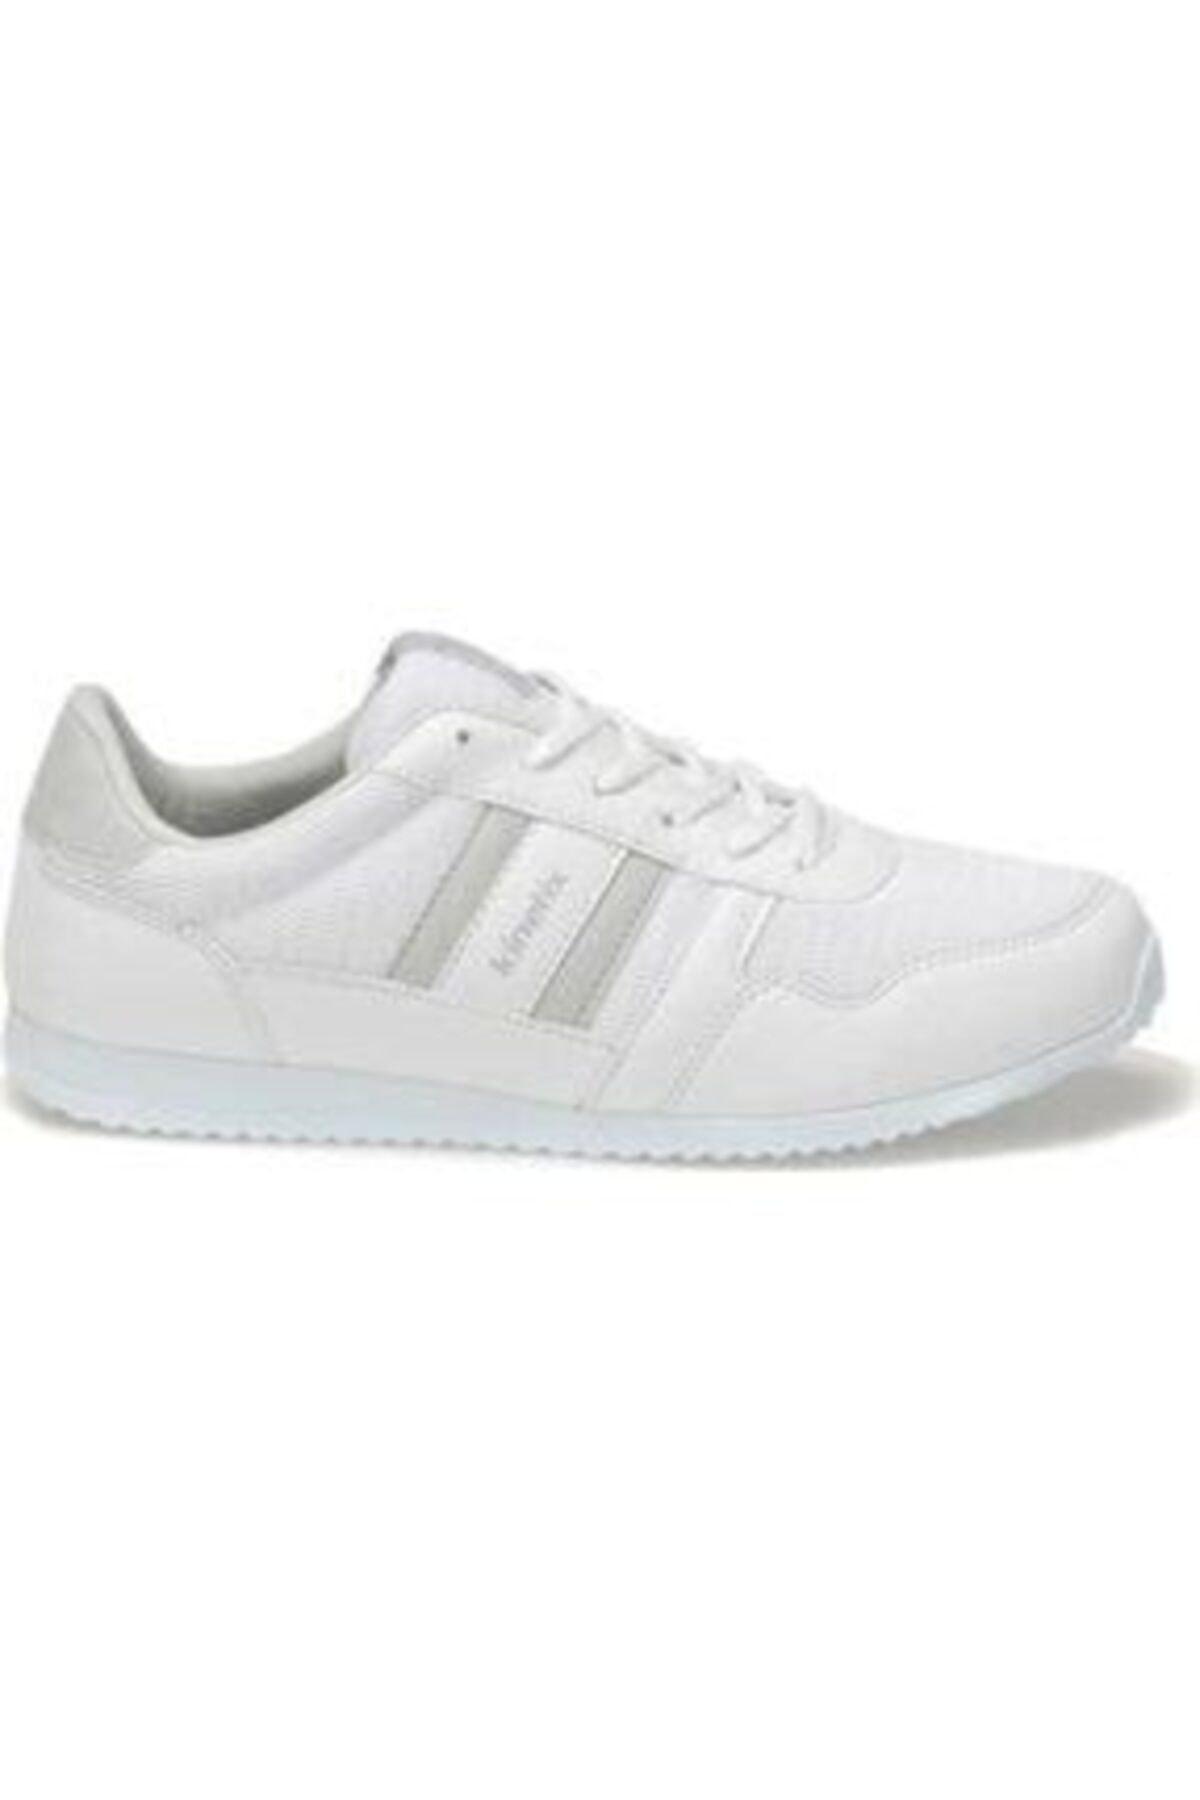 CARTER MESH M Beyaz Erkek Sneaker Ayakkabı 100357915